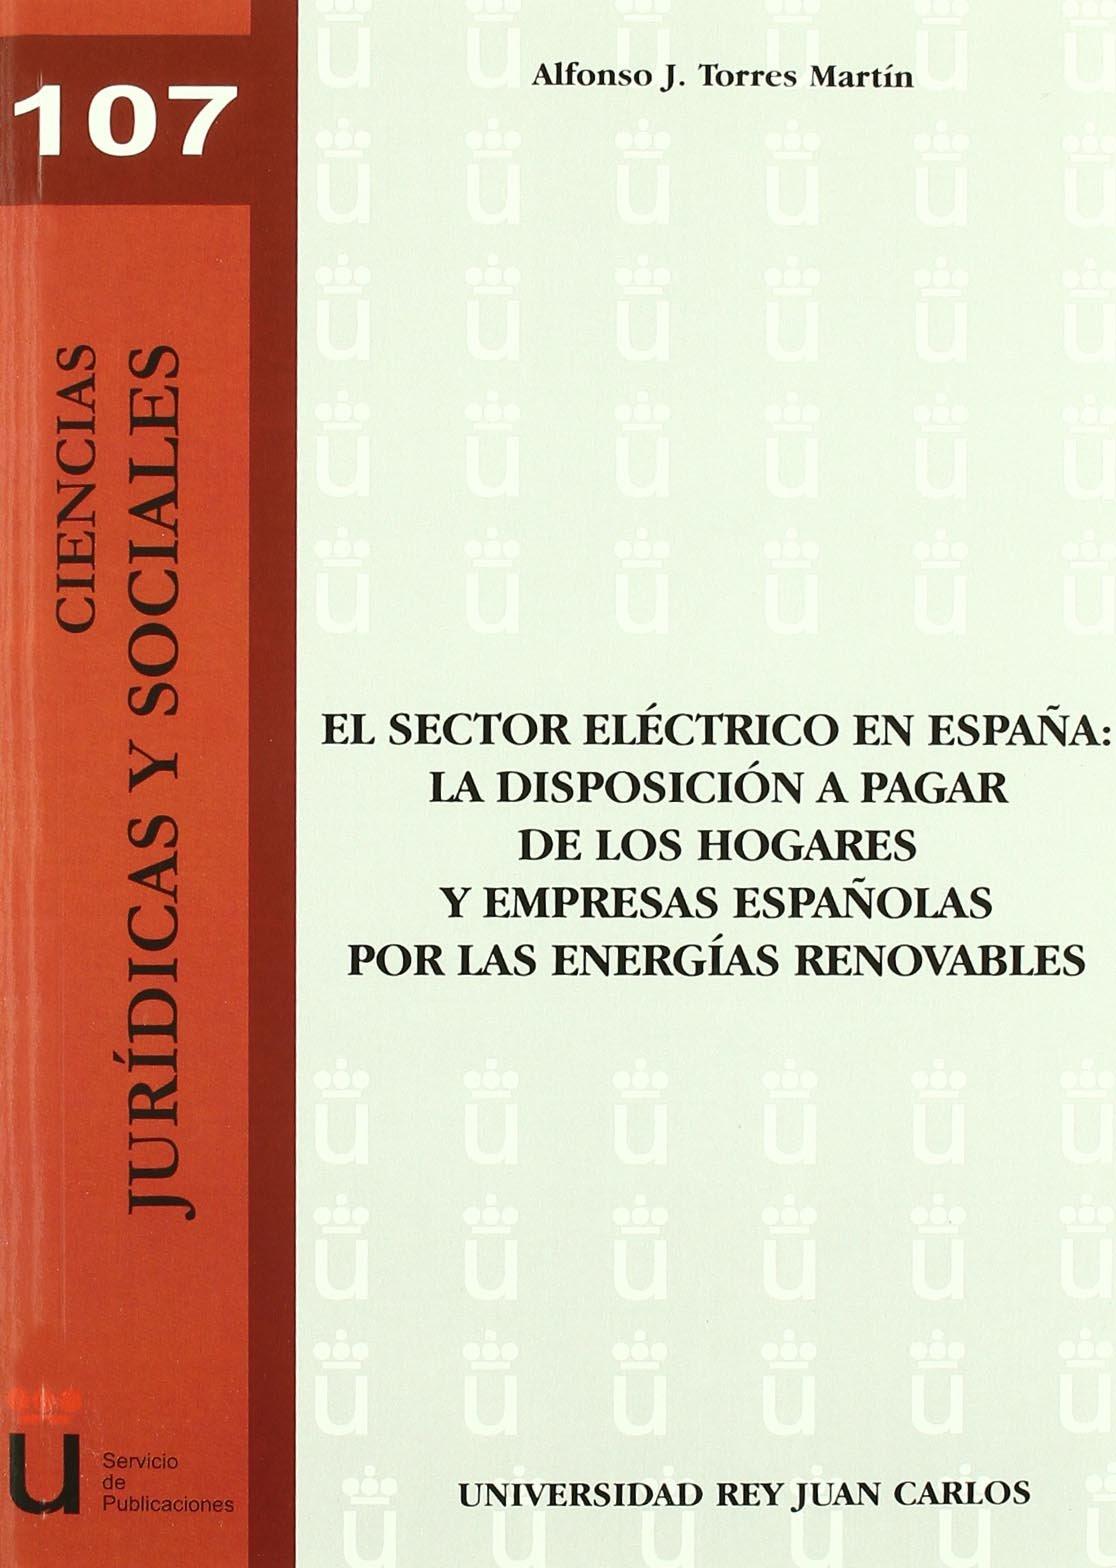 Read Online El Sector Eléctrico En España: La Disposición A Pagar de Los Hogares Y Empresas Españolas Por Las Energías Renovables (Spanish Edition) PDF